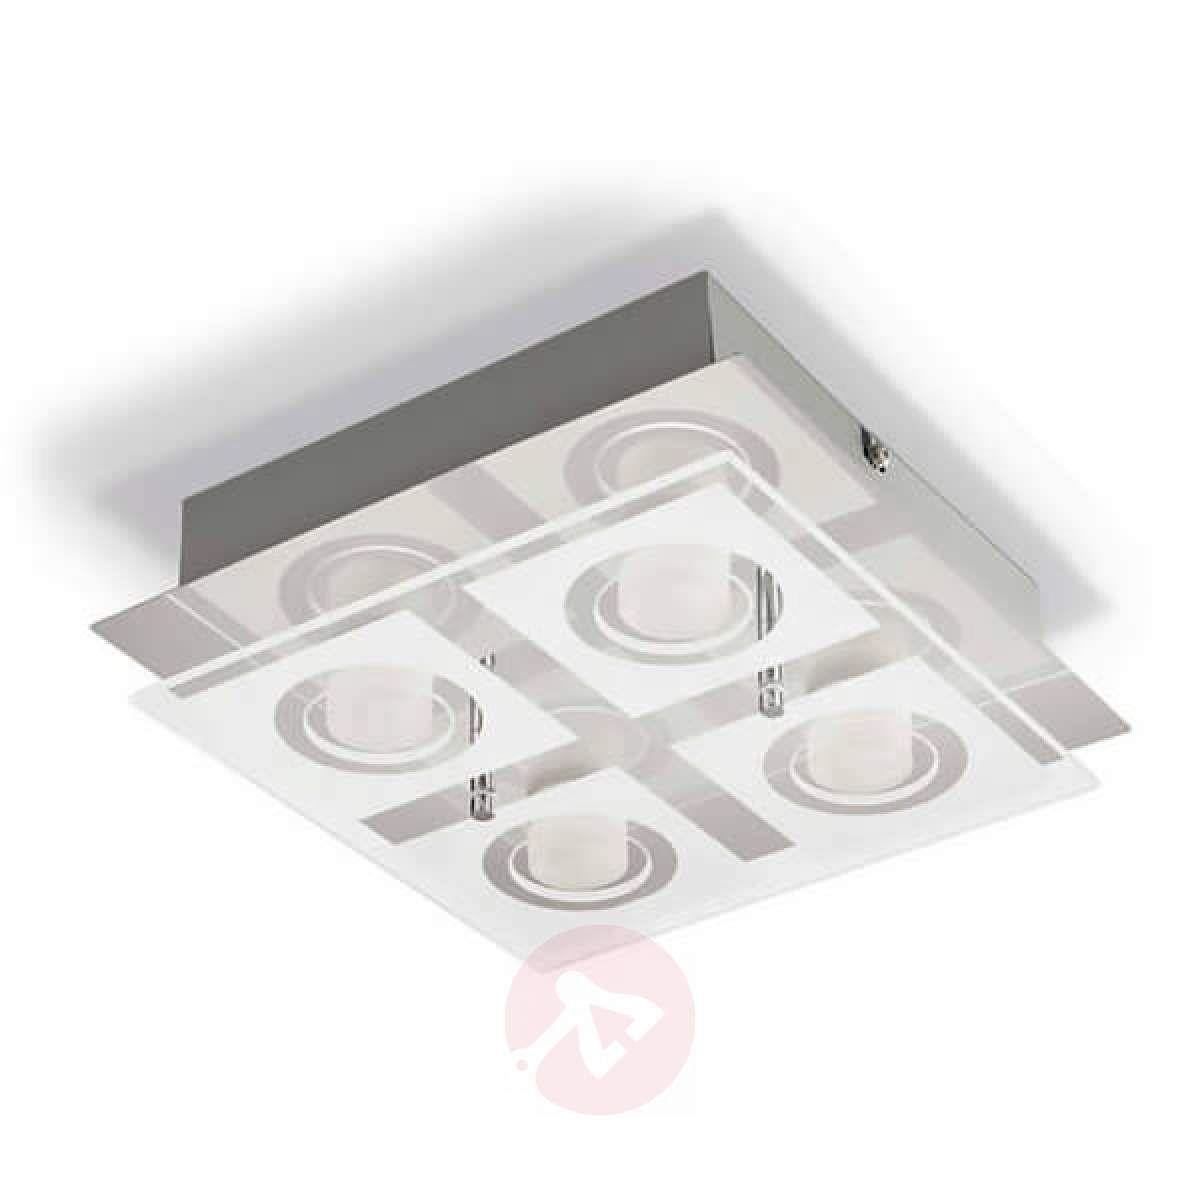 Czteropunktowa Lampa Sufitowa Led Polygon Lampy Sufitowe W